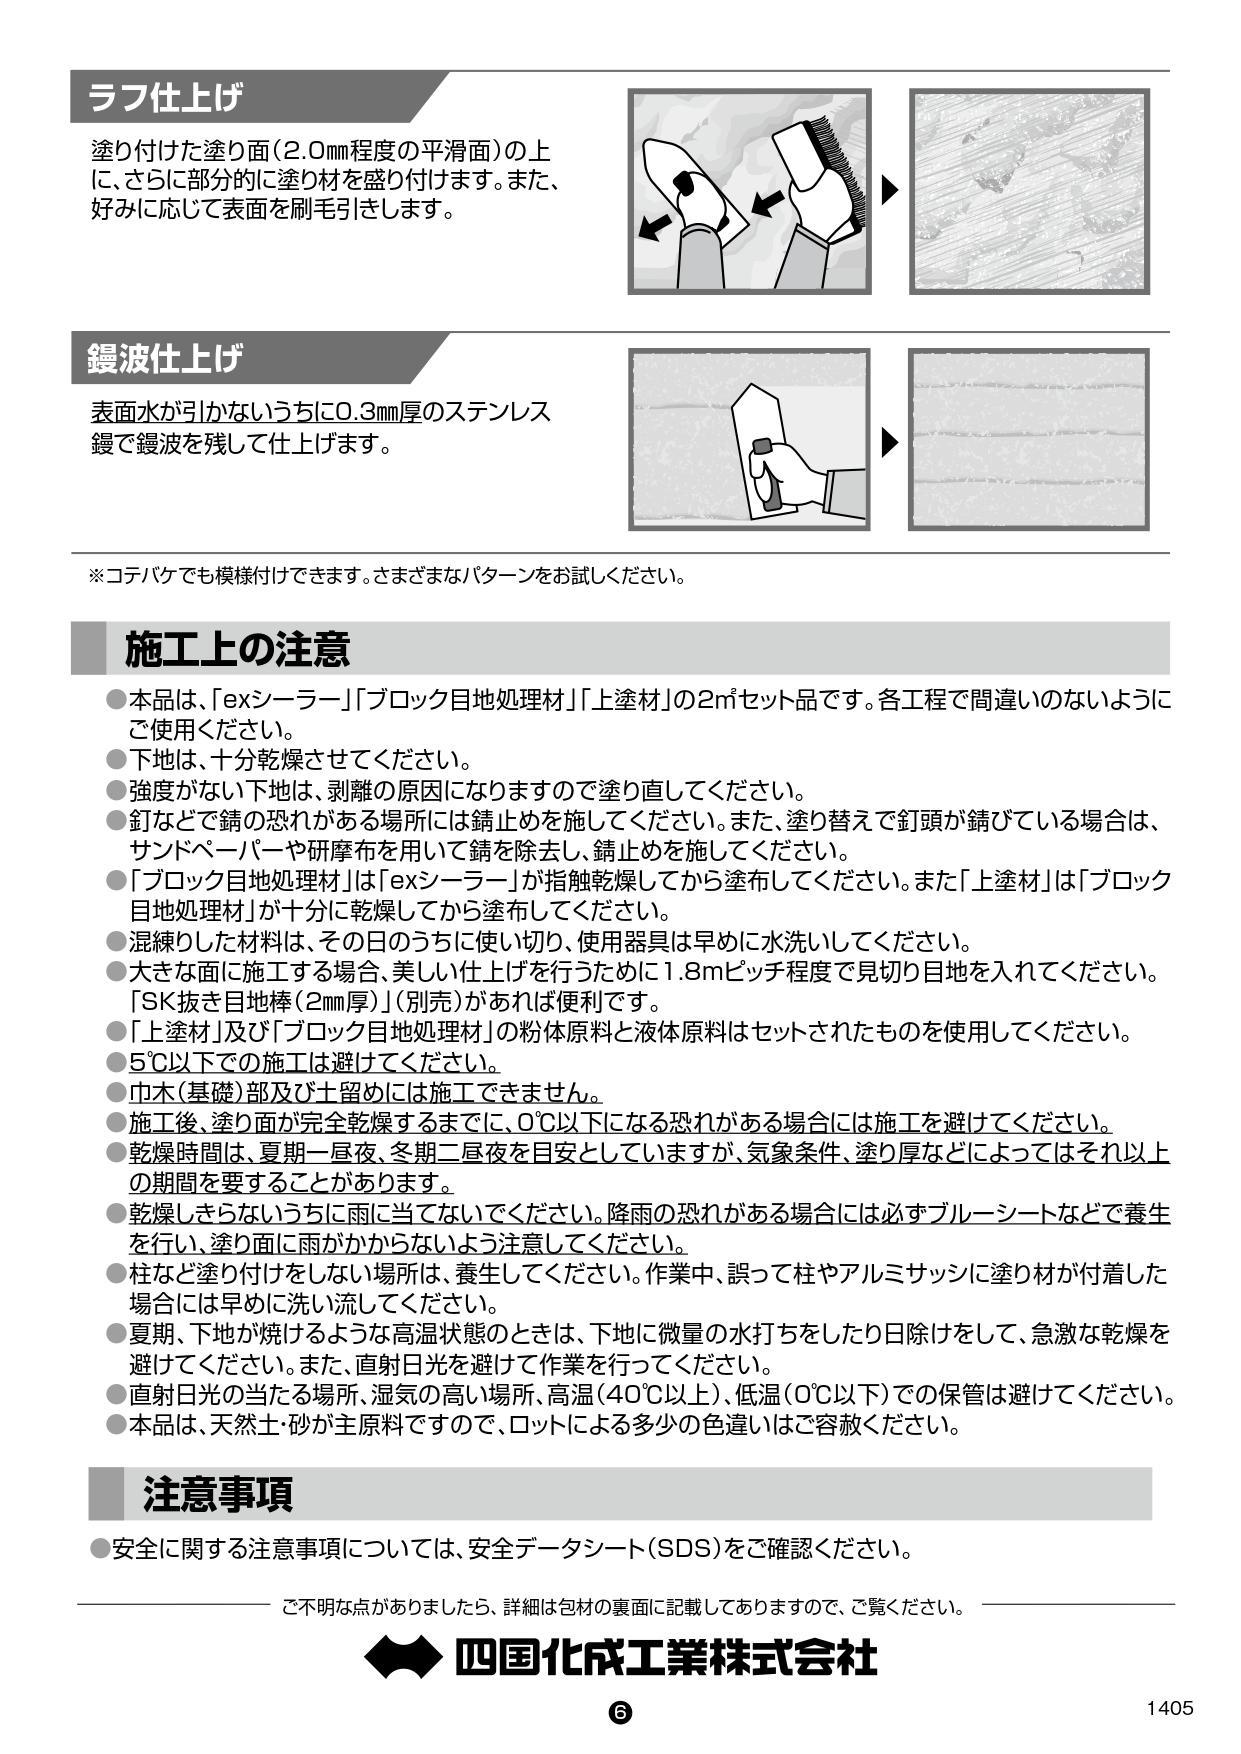 美ブロシルキーHG 施工説明書_page-0006